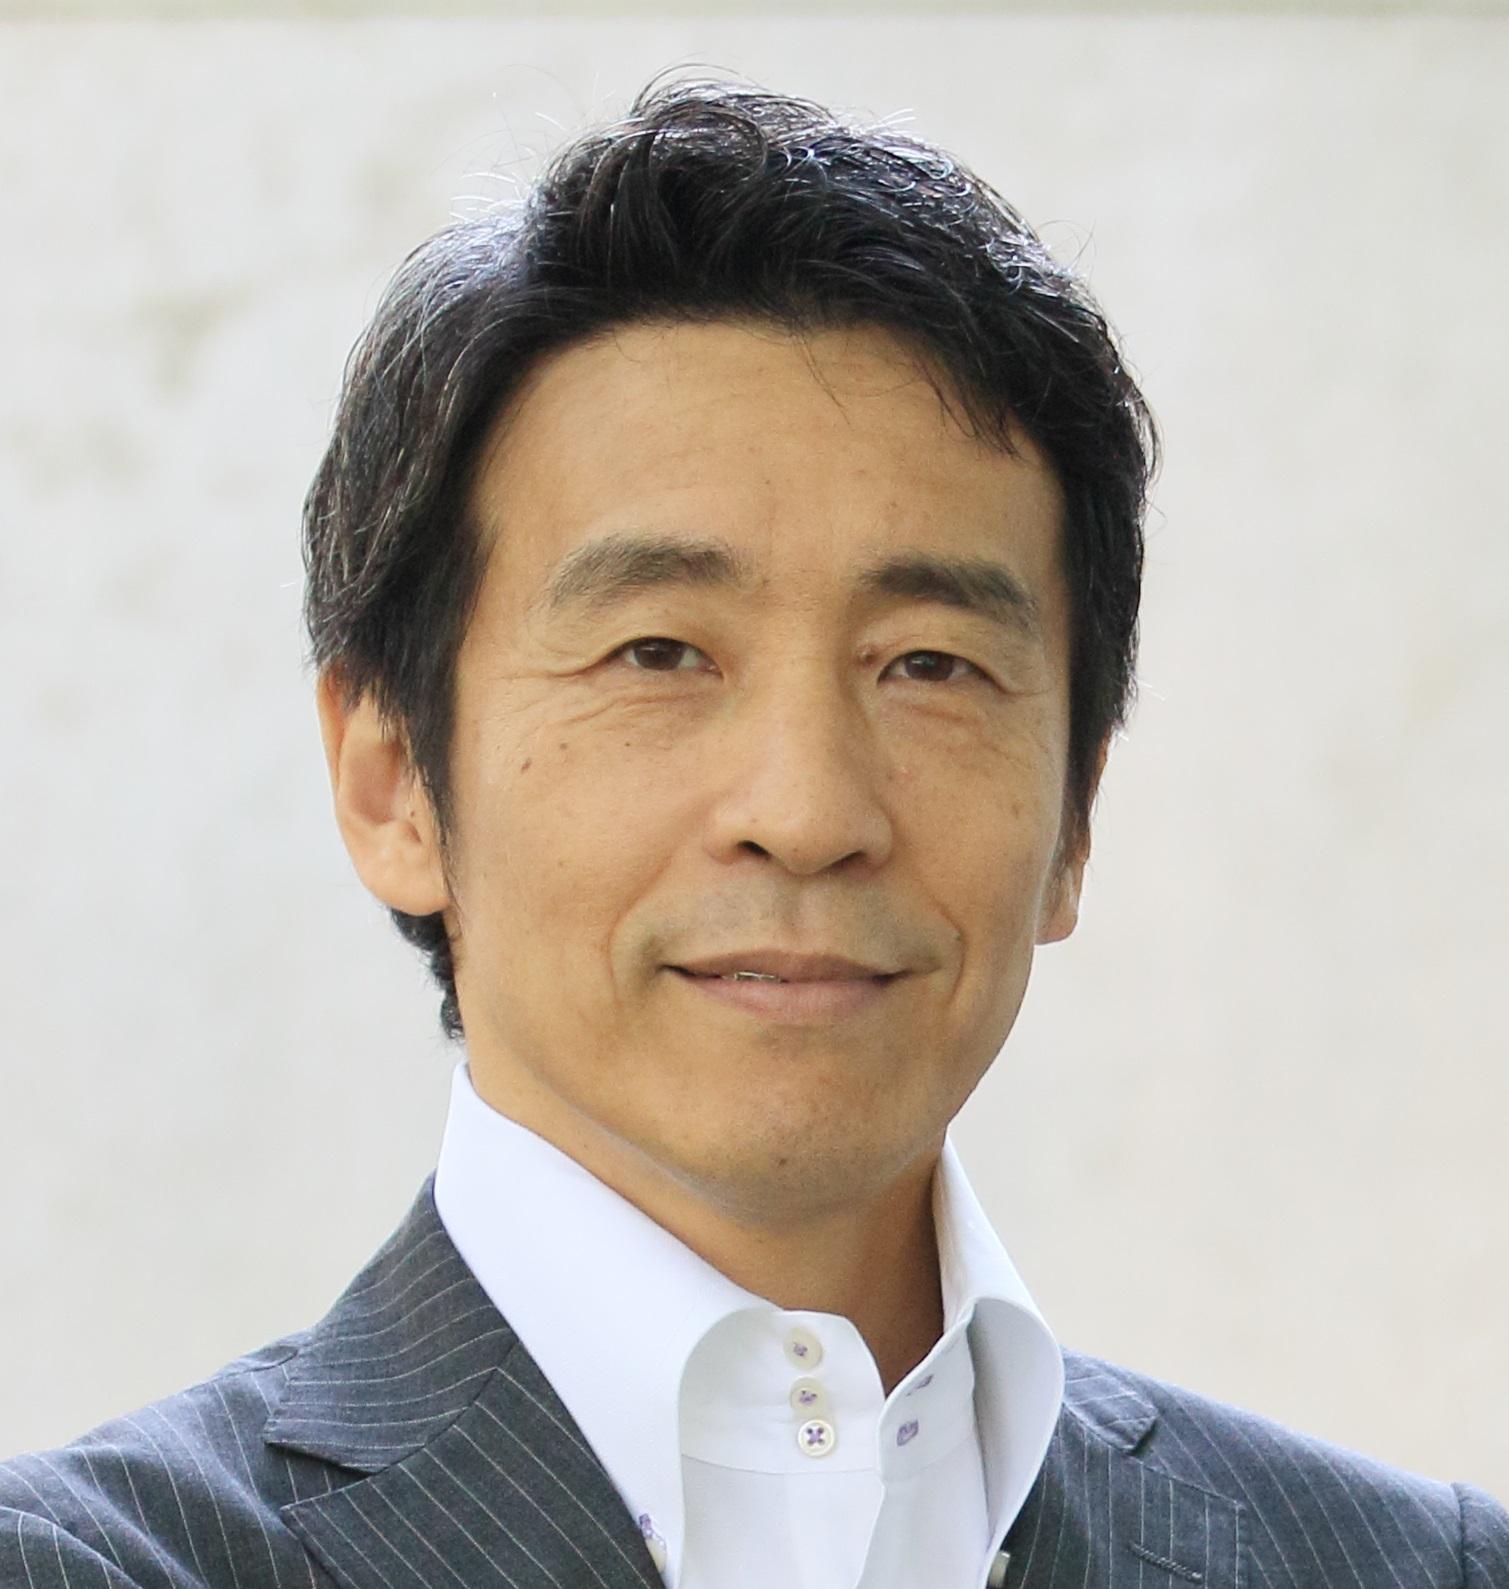 島田 満俊(しまだ みちとし)中小企業診断士